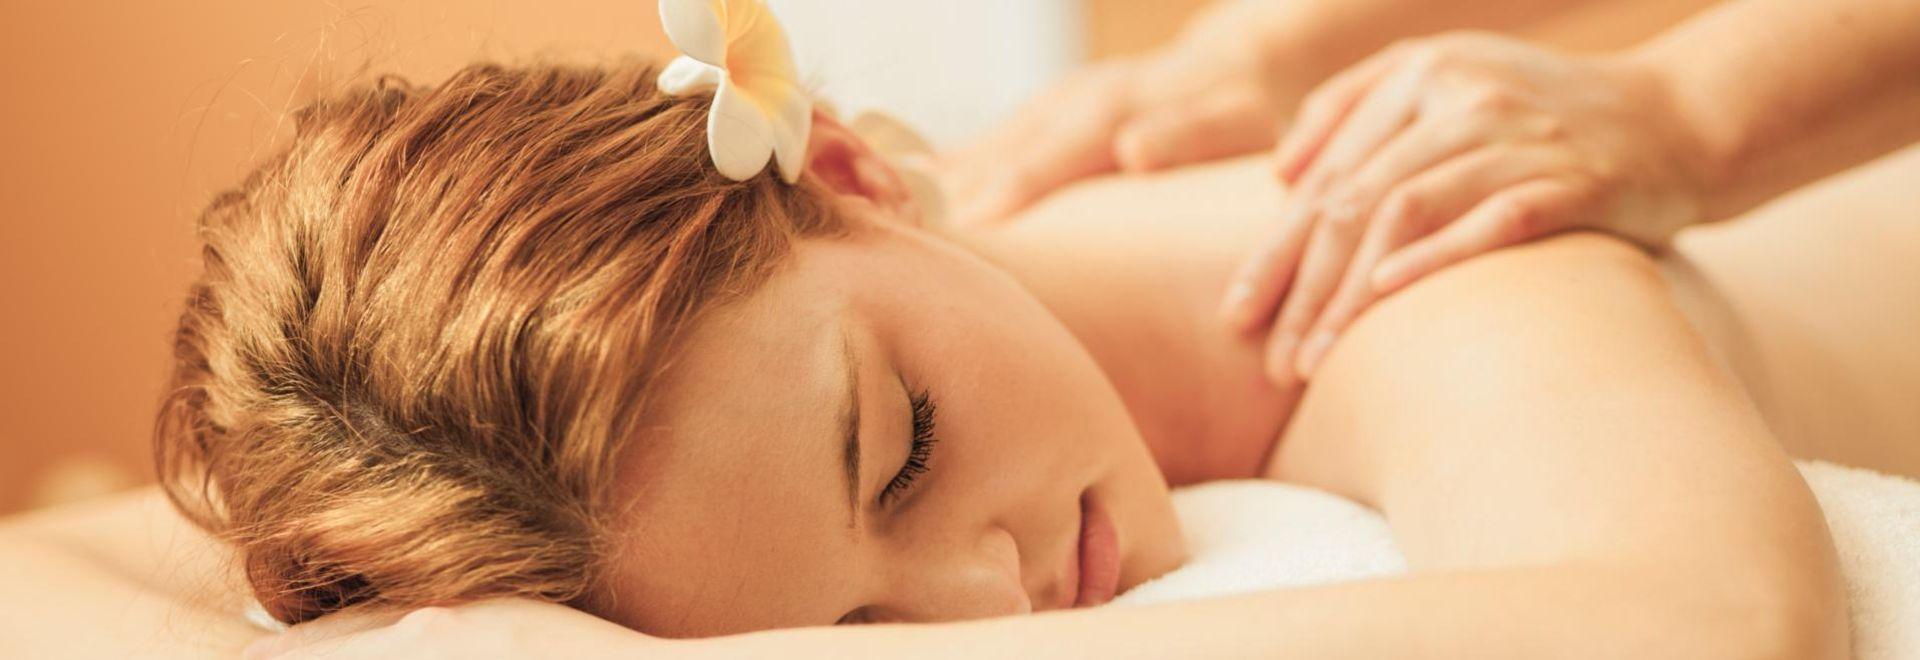 Unterschiede der Massagen erproben